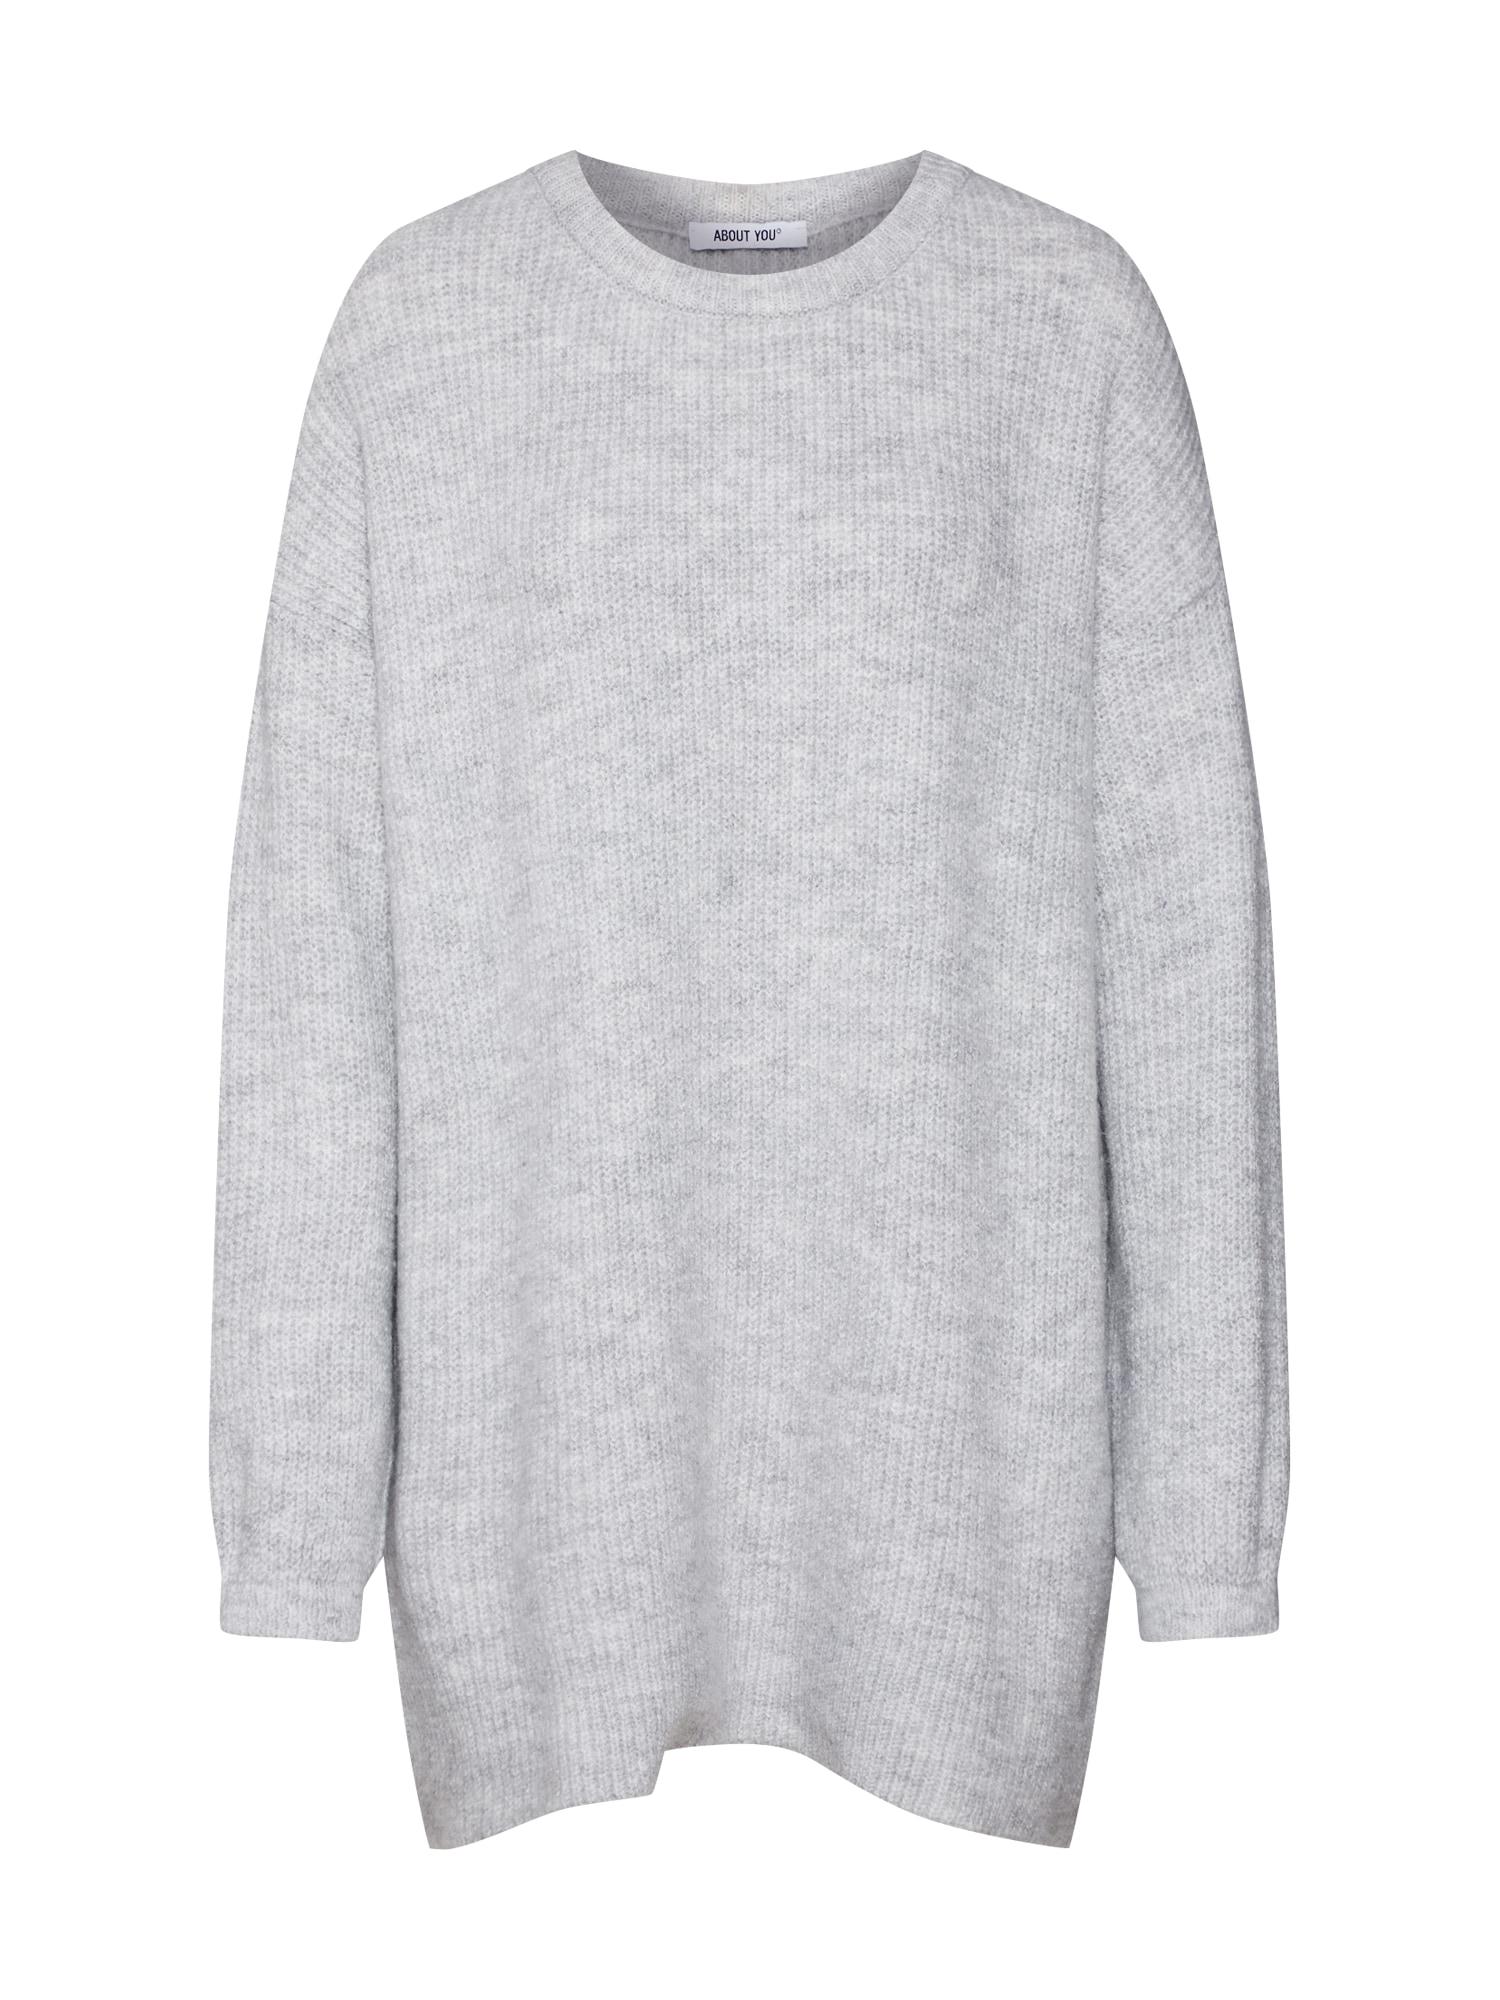 ABOUT YOU Laisvas megztinis 'Mina' pilka